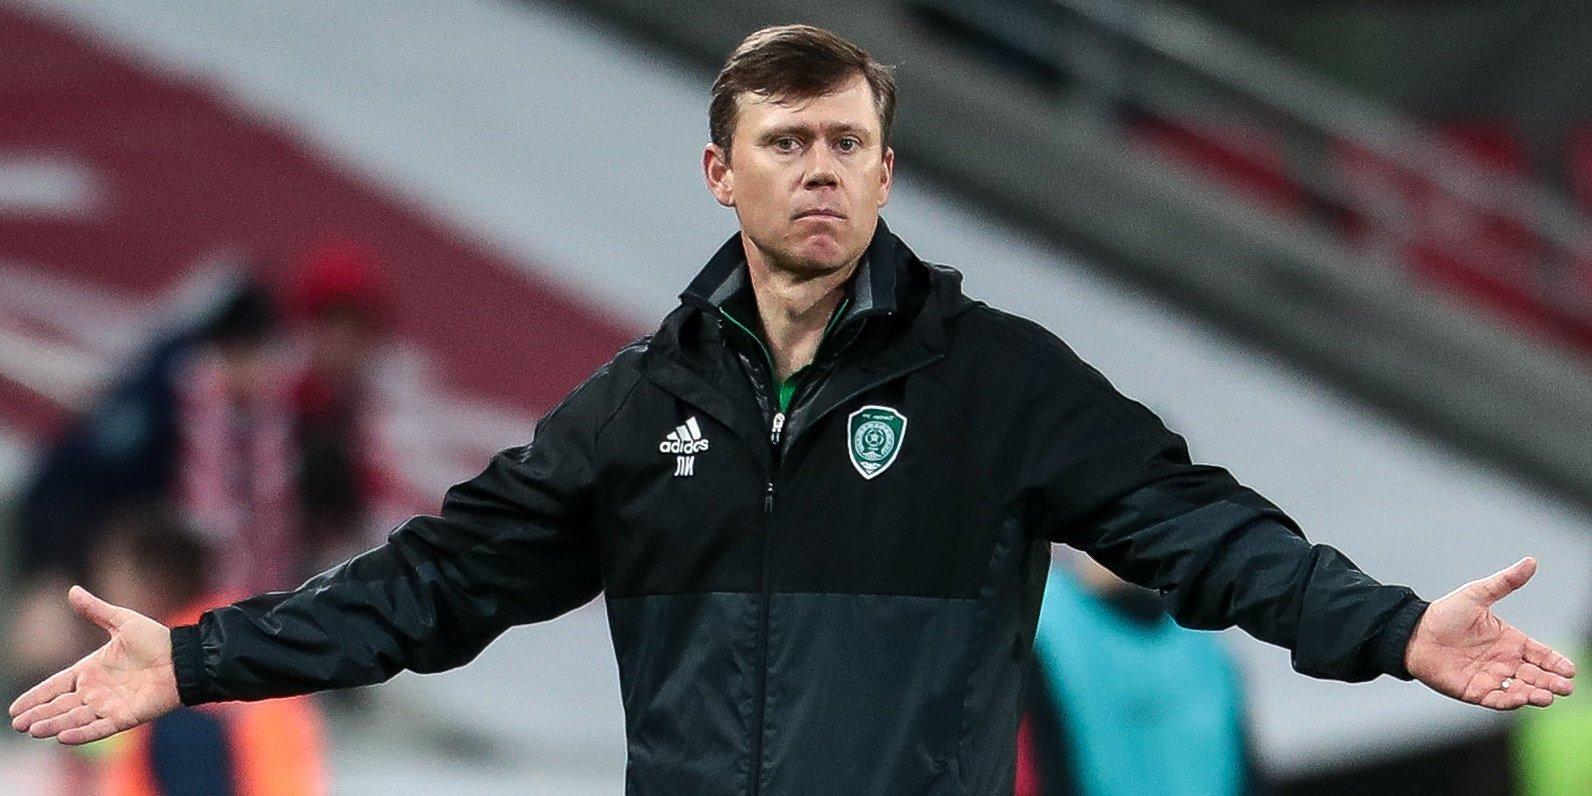 Прогноз на матч Анжи Юниор - Урал 2